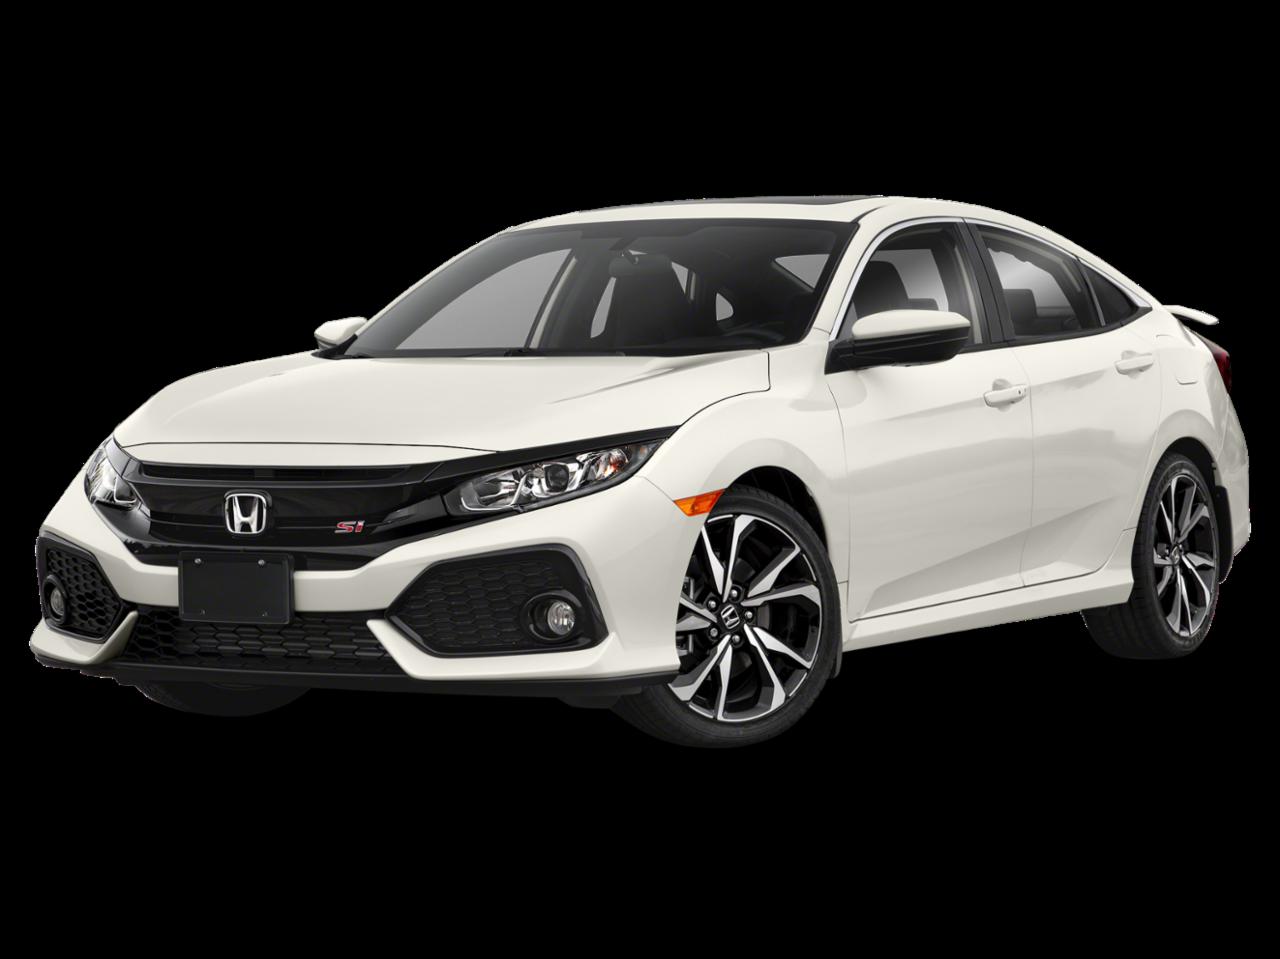 Honda 2019 Civic Si Sedan Manual w/Summer Tires